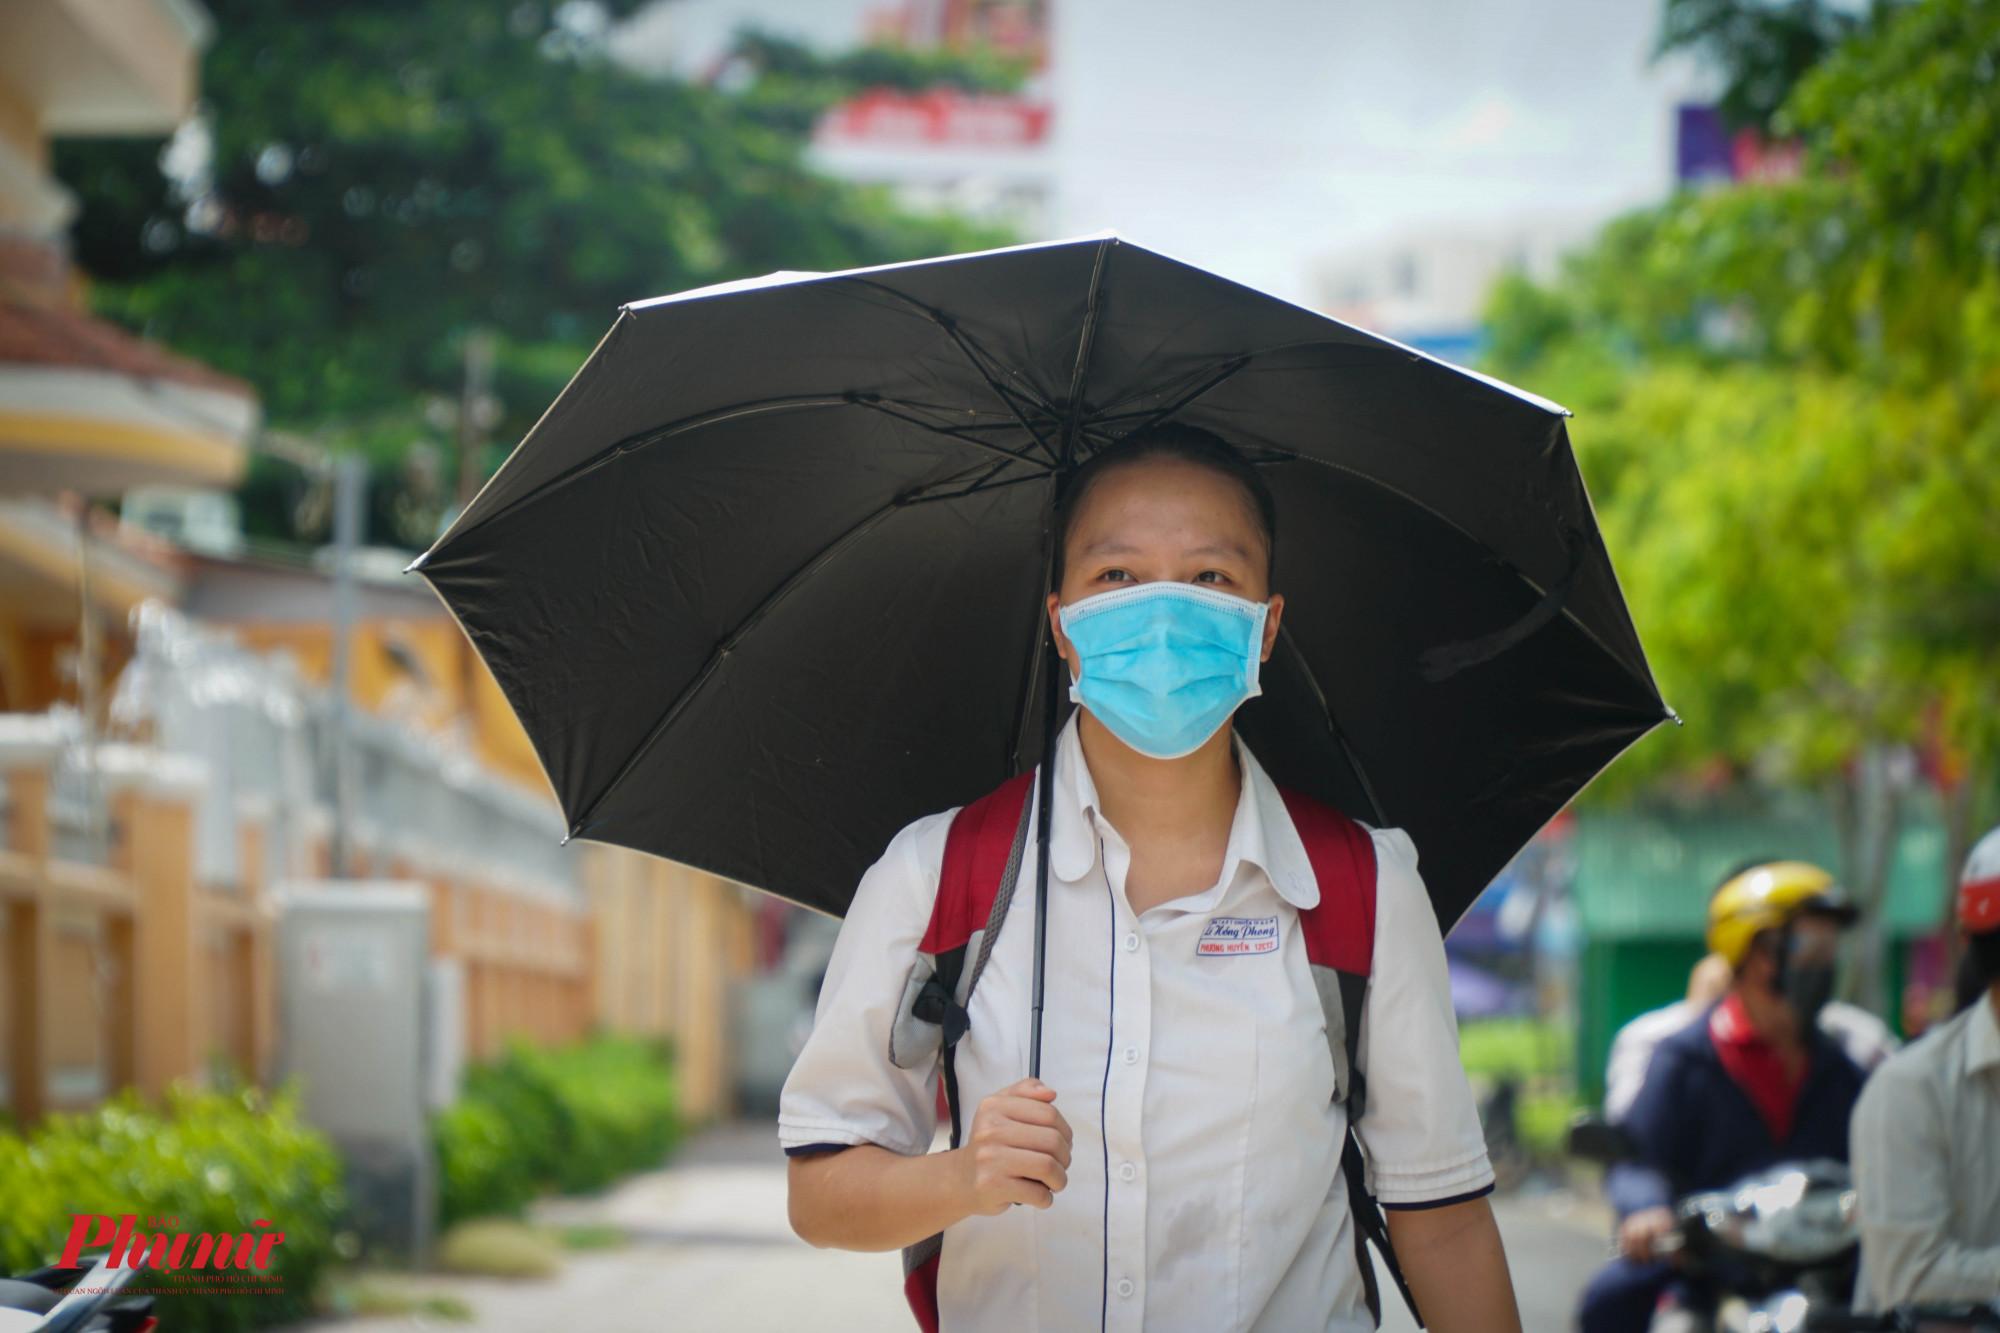 Một thí sinh đã mang dù che nắng vào điểm thi vì thời tiết quá nóng